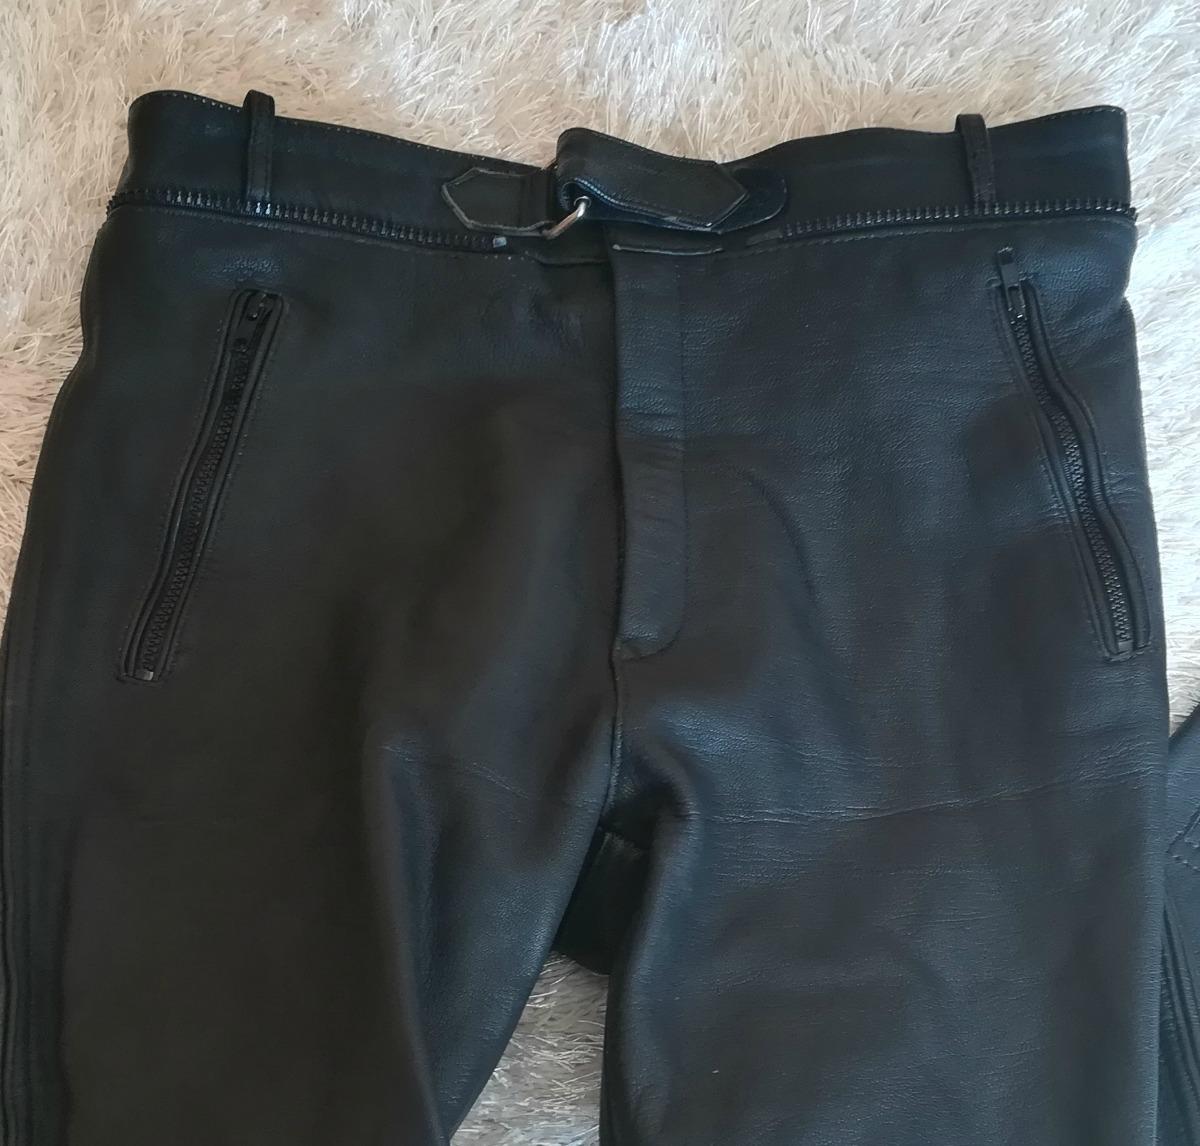 Pantalón Cuero Hombre Moto (pnt-cue-05) -   36.600 en Mercado Libre 3b0b4920f187